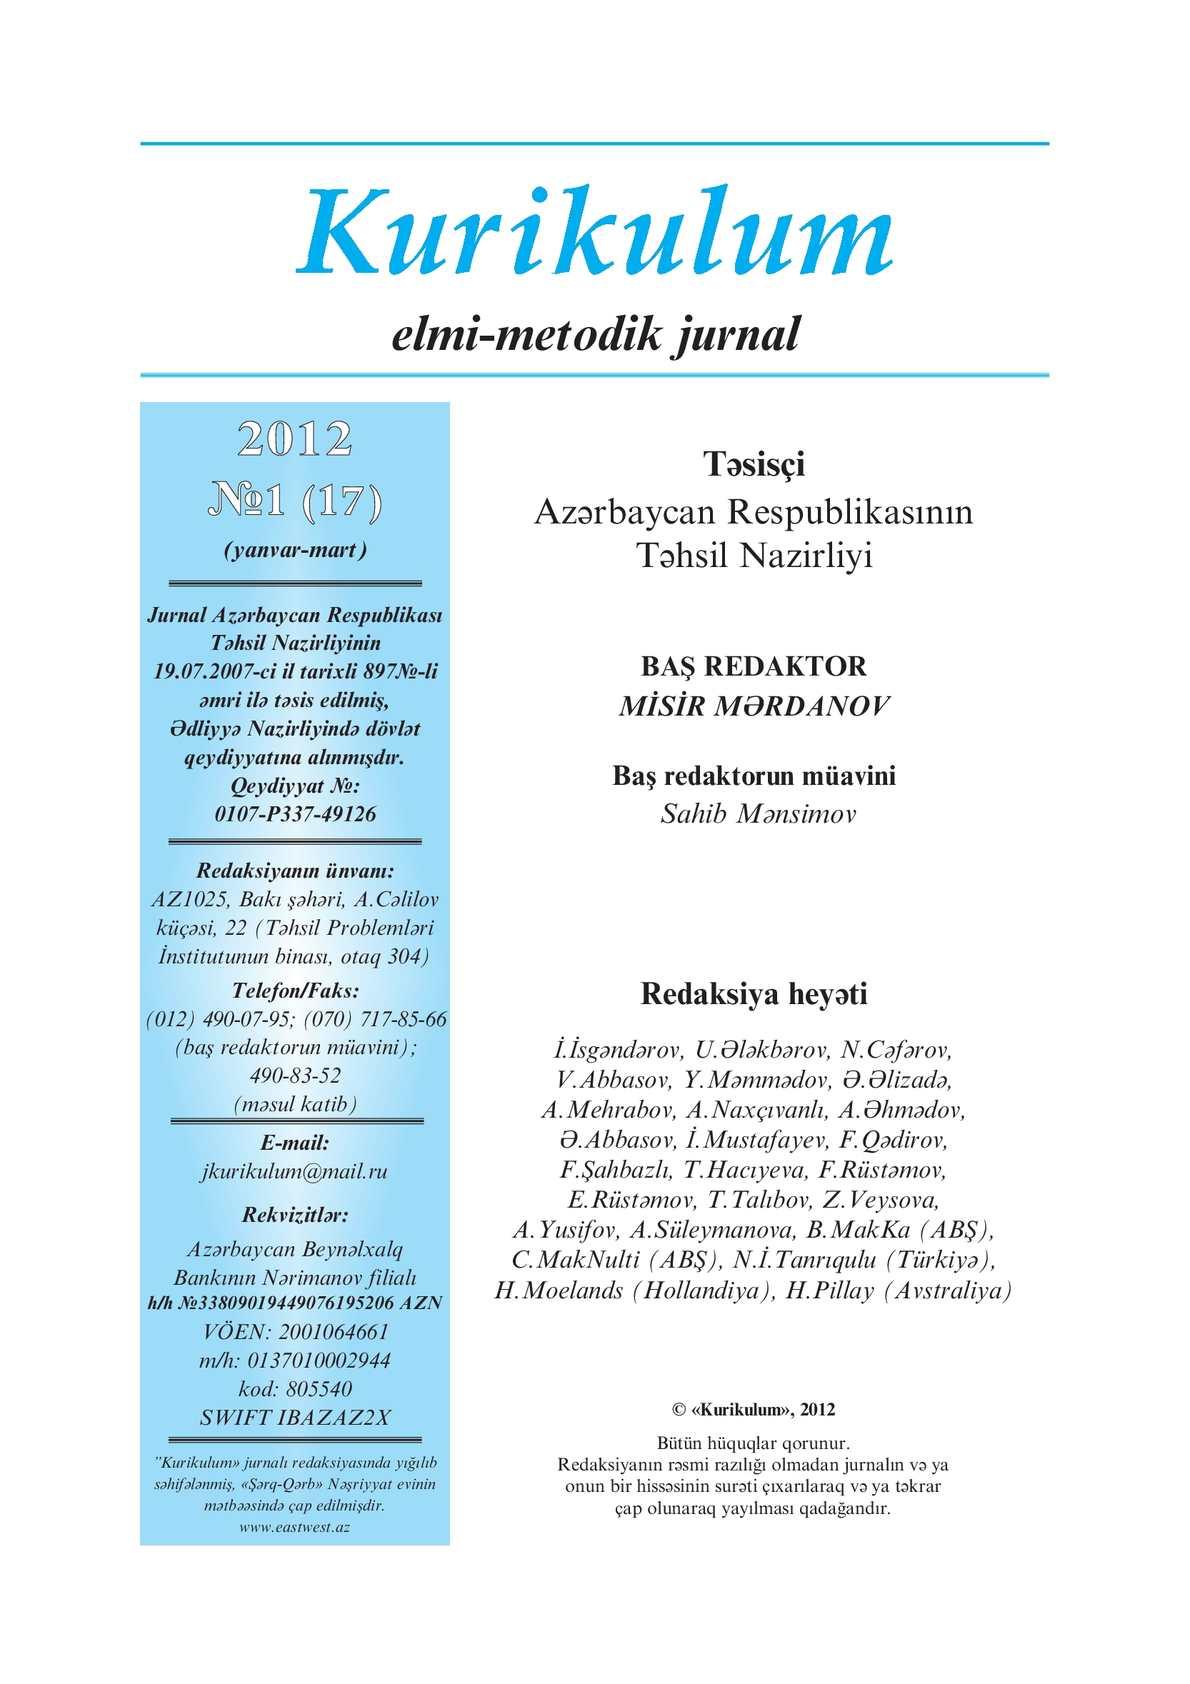 Kurikulum Jurnalı 2012-ci il, 1-ci nömrə